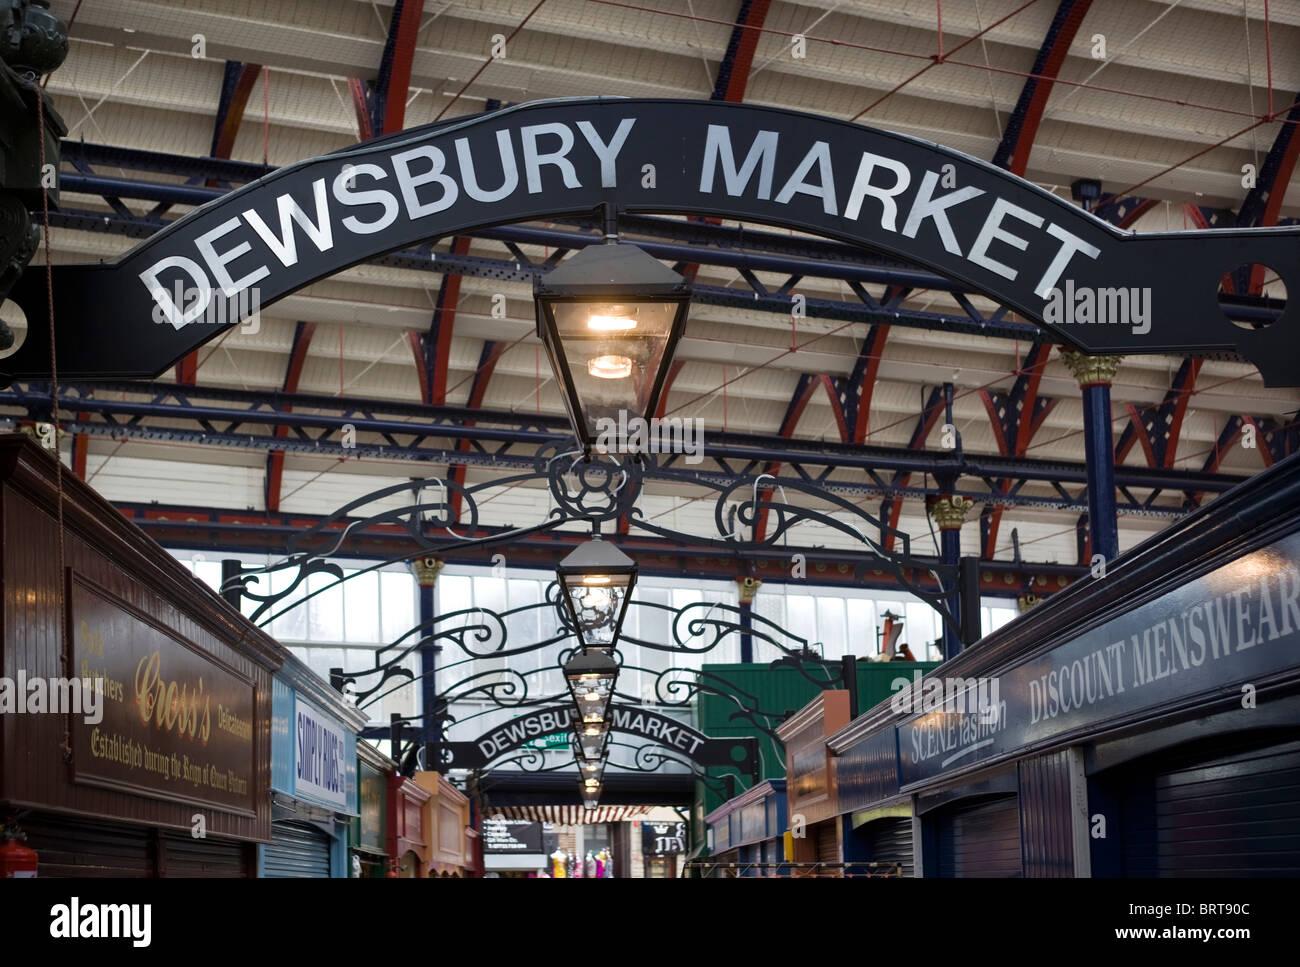 Dewsbury Market  West Yorkshire England UK - Stock Image